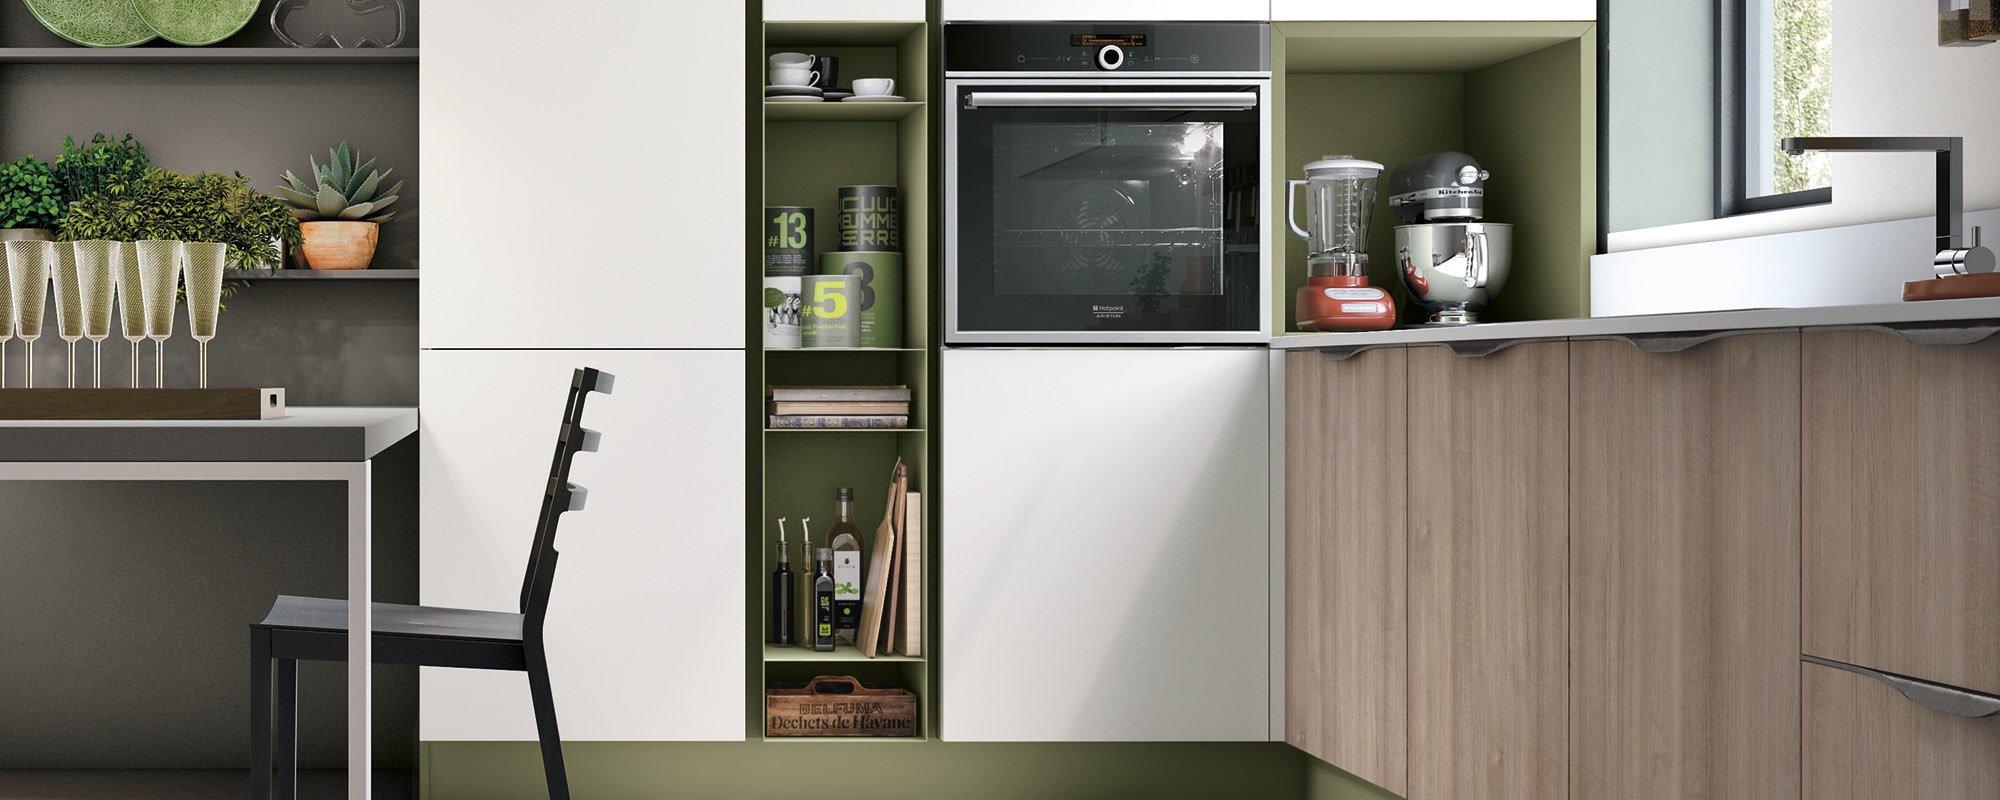 frigorifero con accanto il tavolo e il bancone della cucina